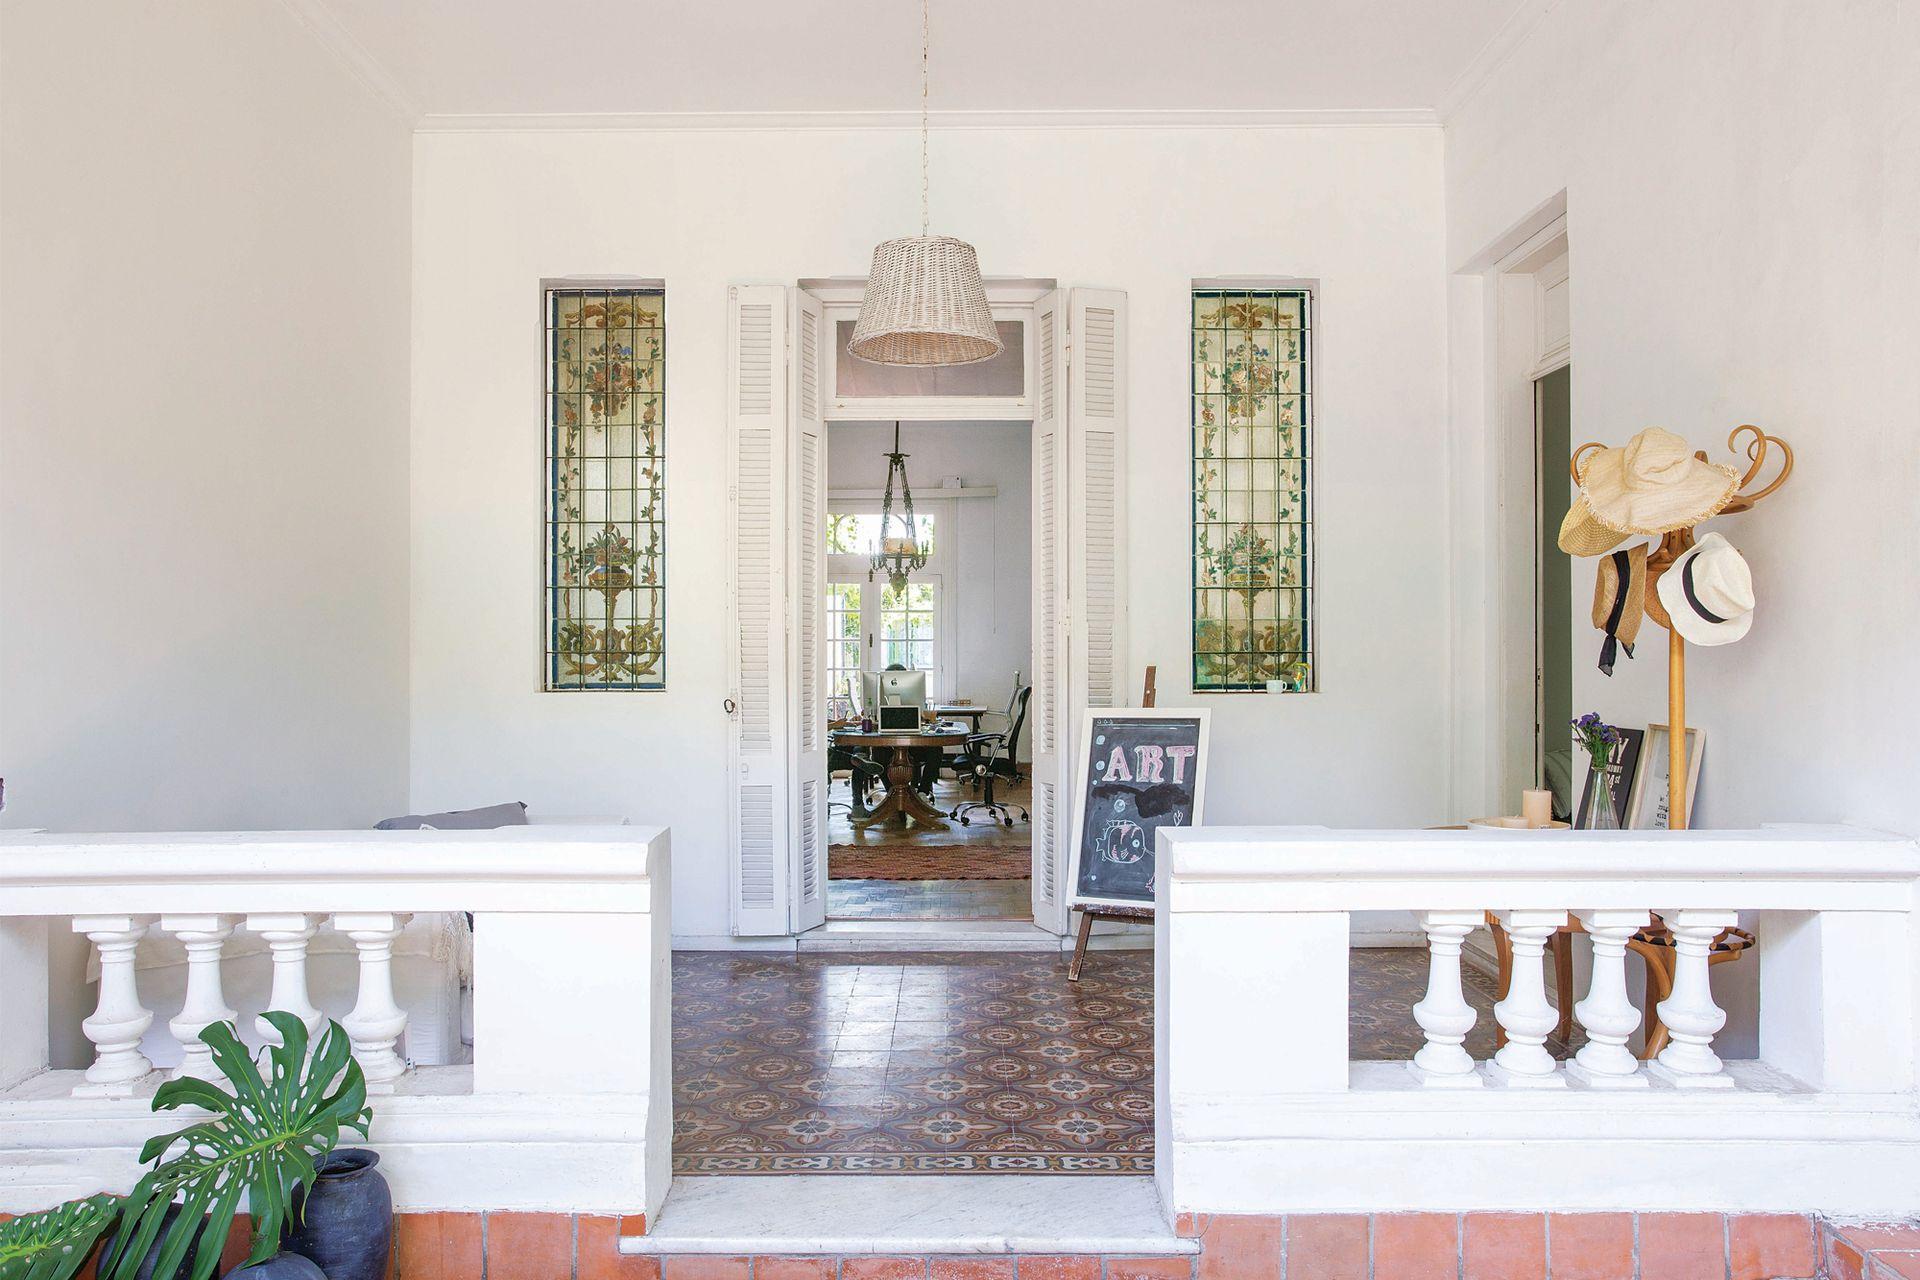 """""""Mantuvimos todas las aberturas, pisos y vitrales originales. Queríamos que todos pudieran percibir el espíritu tan especial de esta casa"""", Luli Fernández Navarro."""